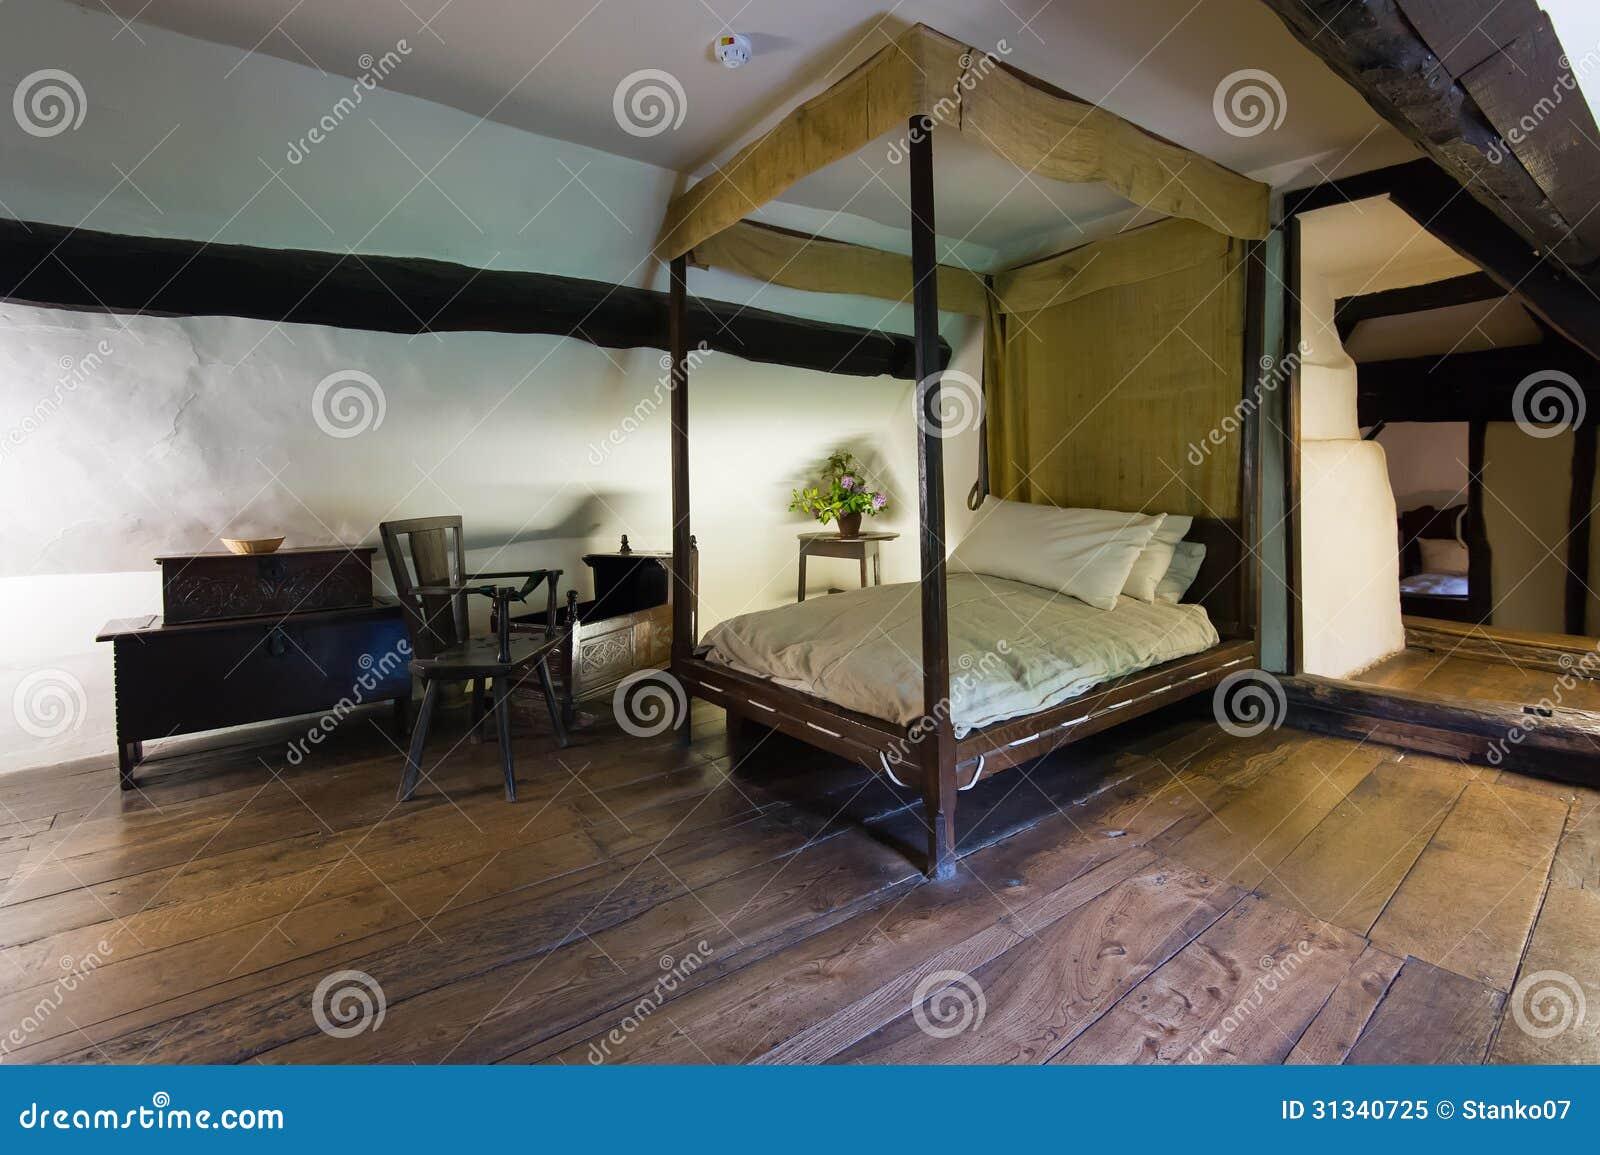 altes schlafzimmer lizenzfreies stockfoto - bild: 31340725, Schlafzimmer entwurf